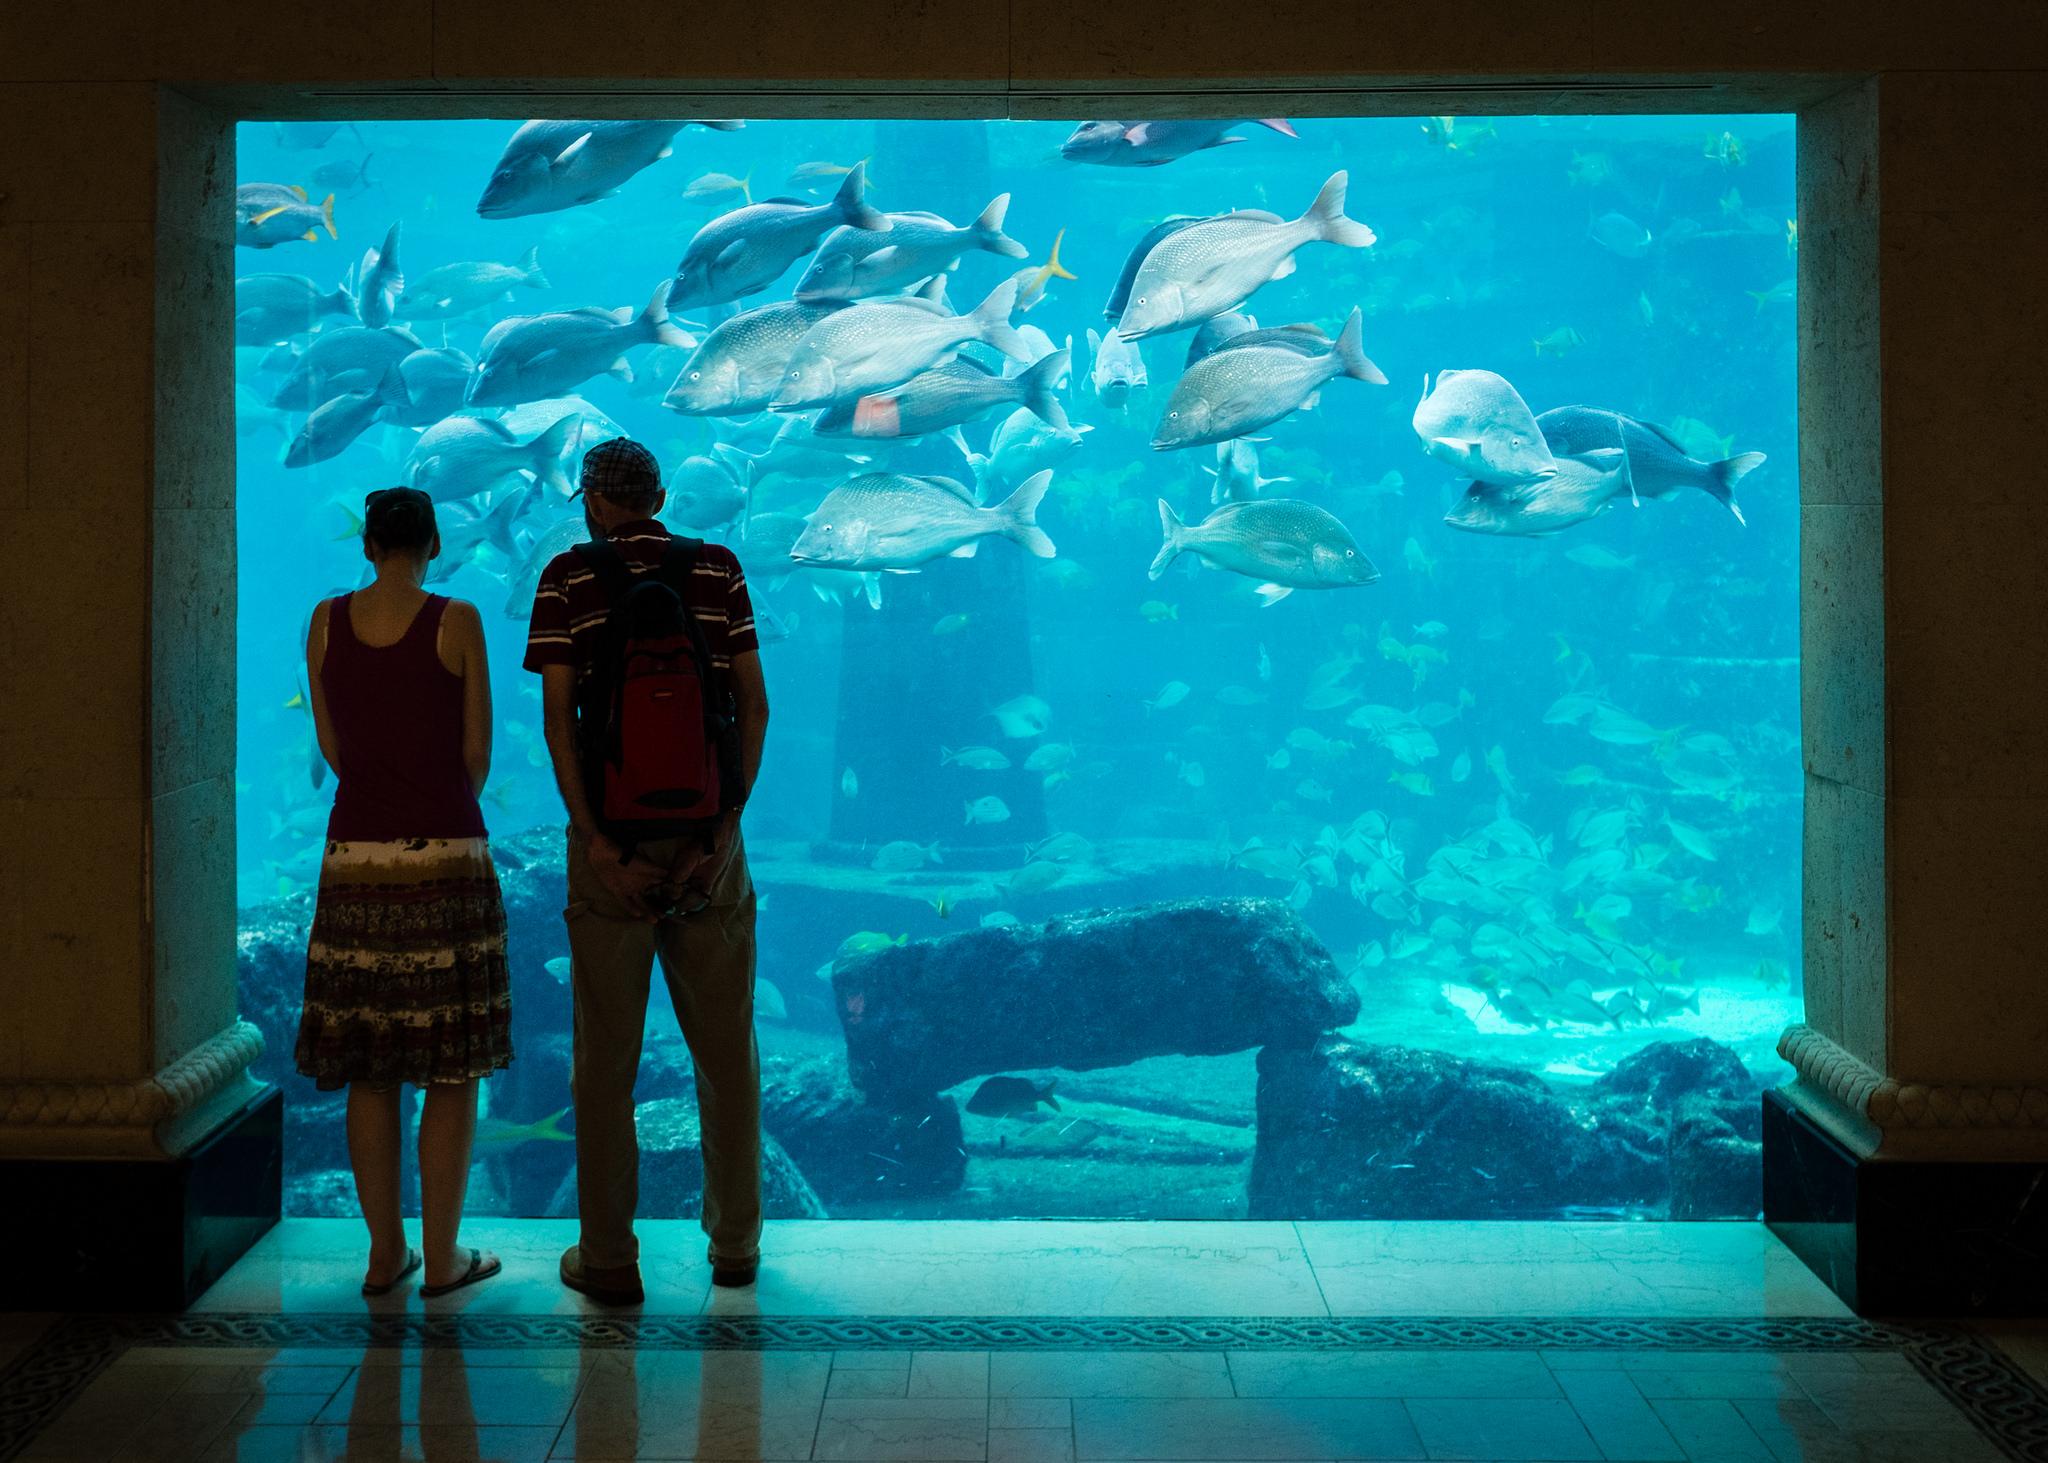 Sea Life Aquarium Rivercenter Mall Opening In 2018